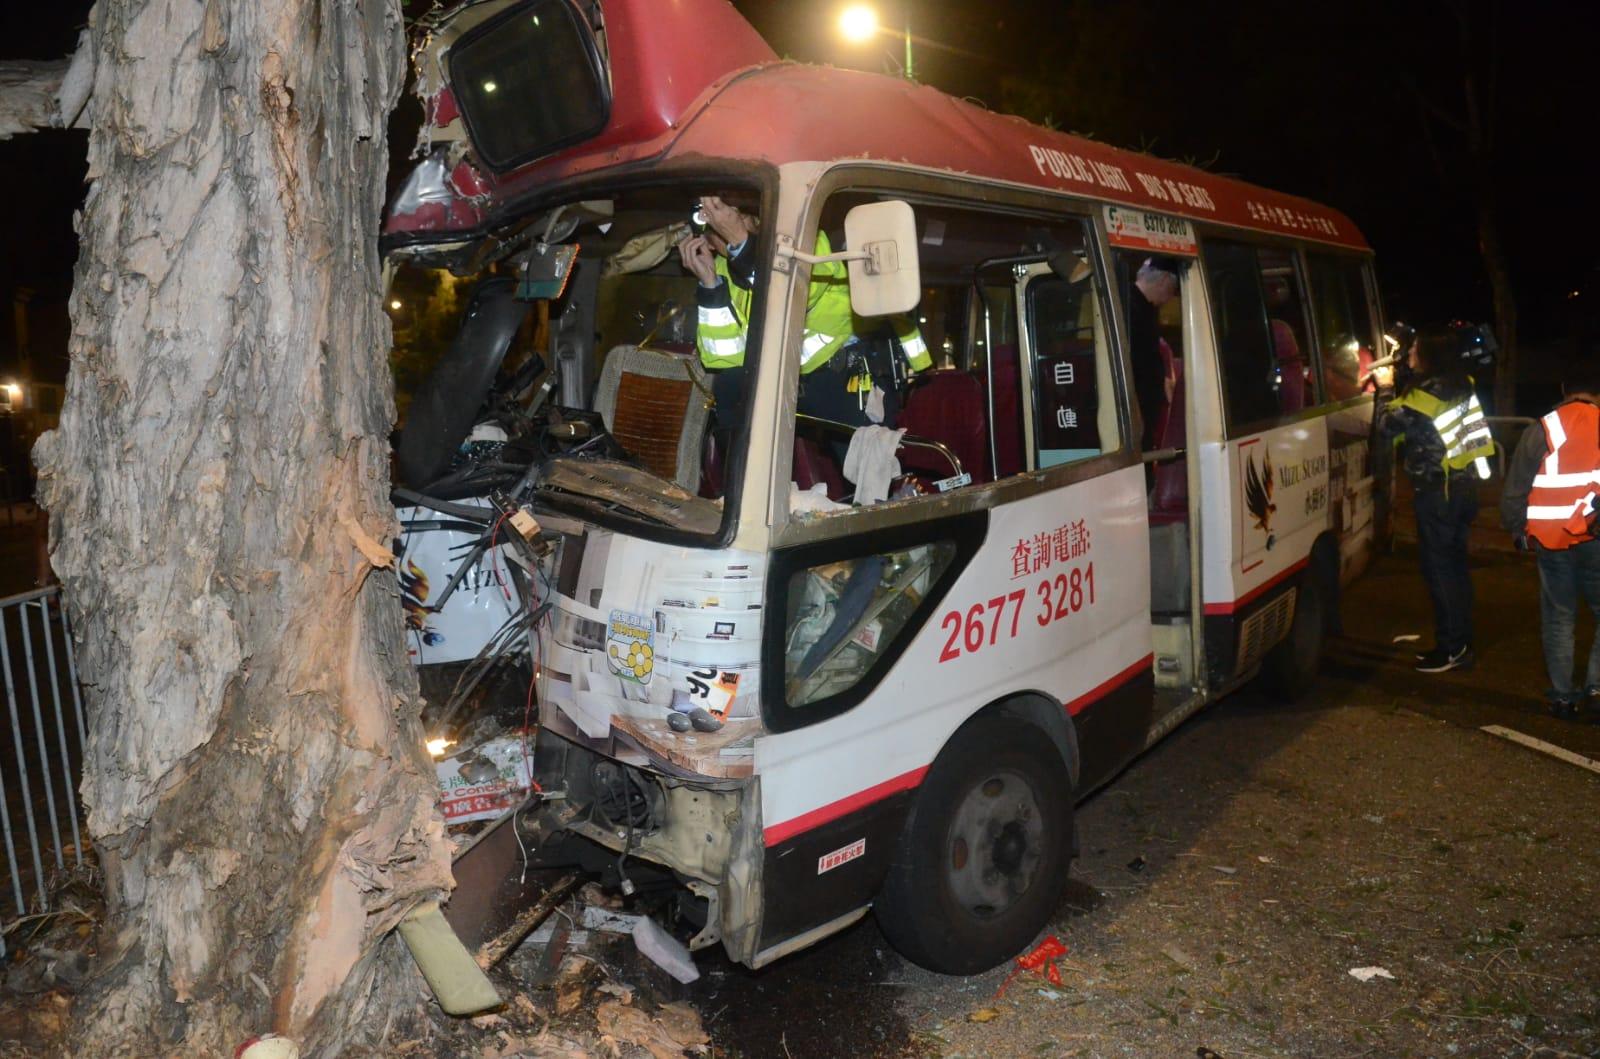 红Van撞树四人伤 司机称闪避花猫